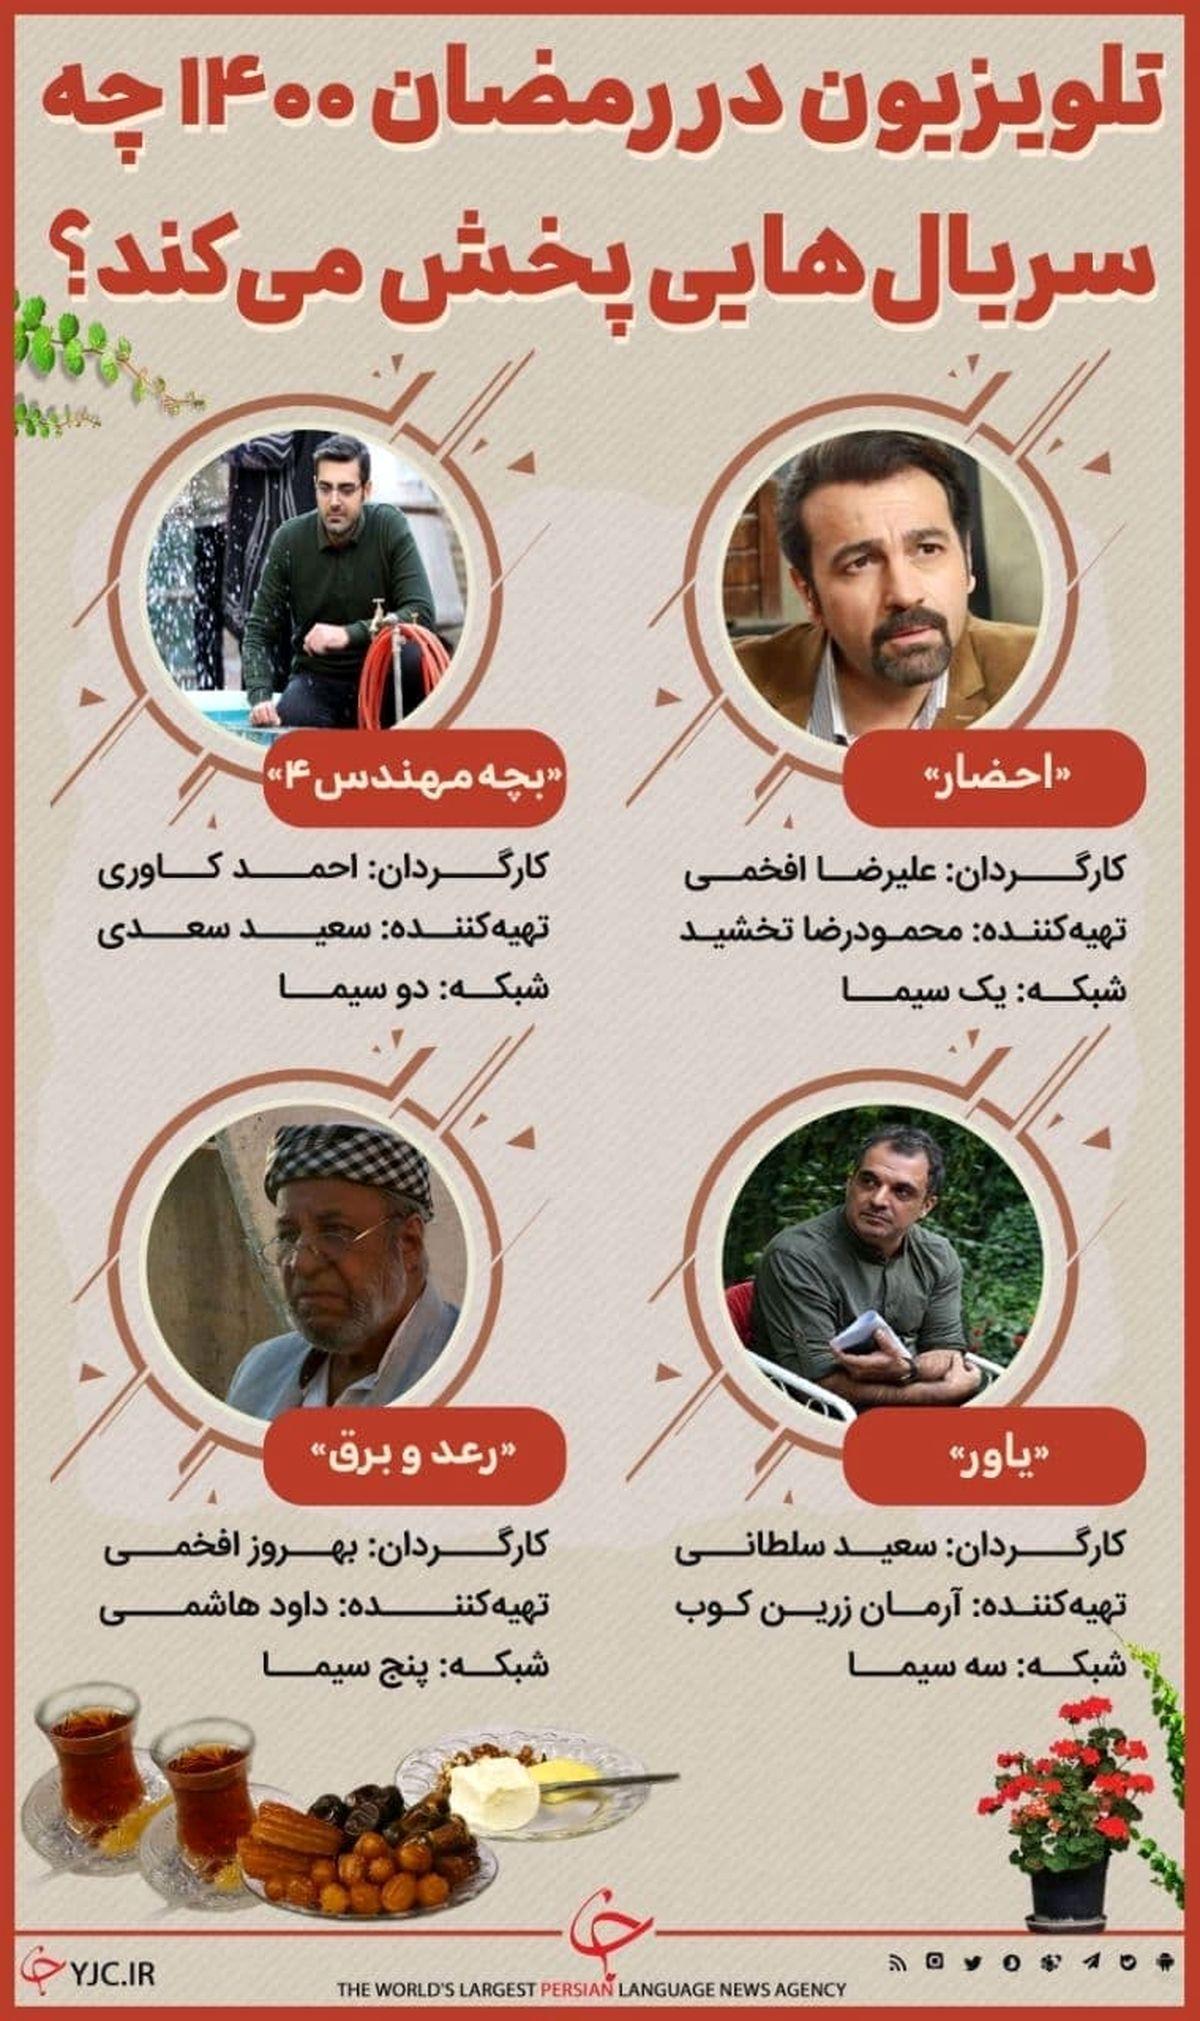 سریال های تلویزیون در رمضان ۱۴۰۰